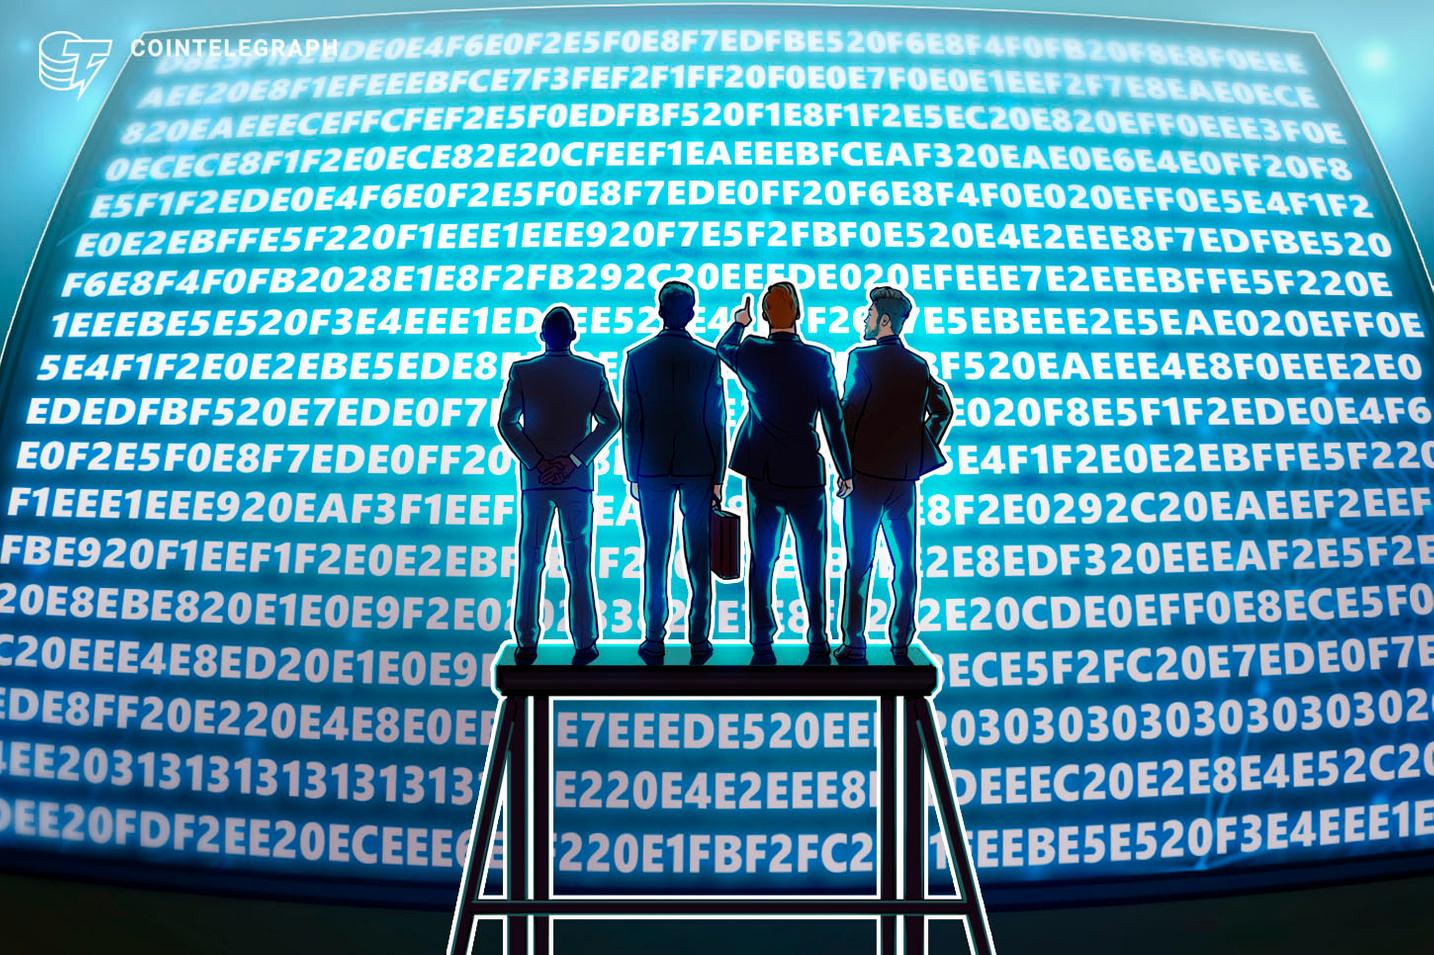 ウクライナのデジタルトランスフォーメーション省、仮想通貨取引を追跡する計画発表